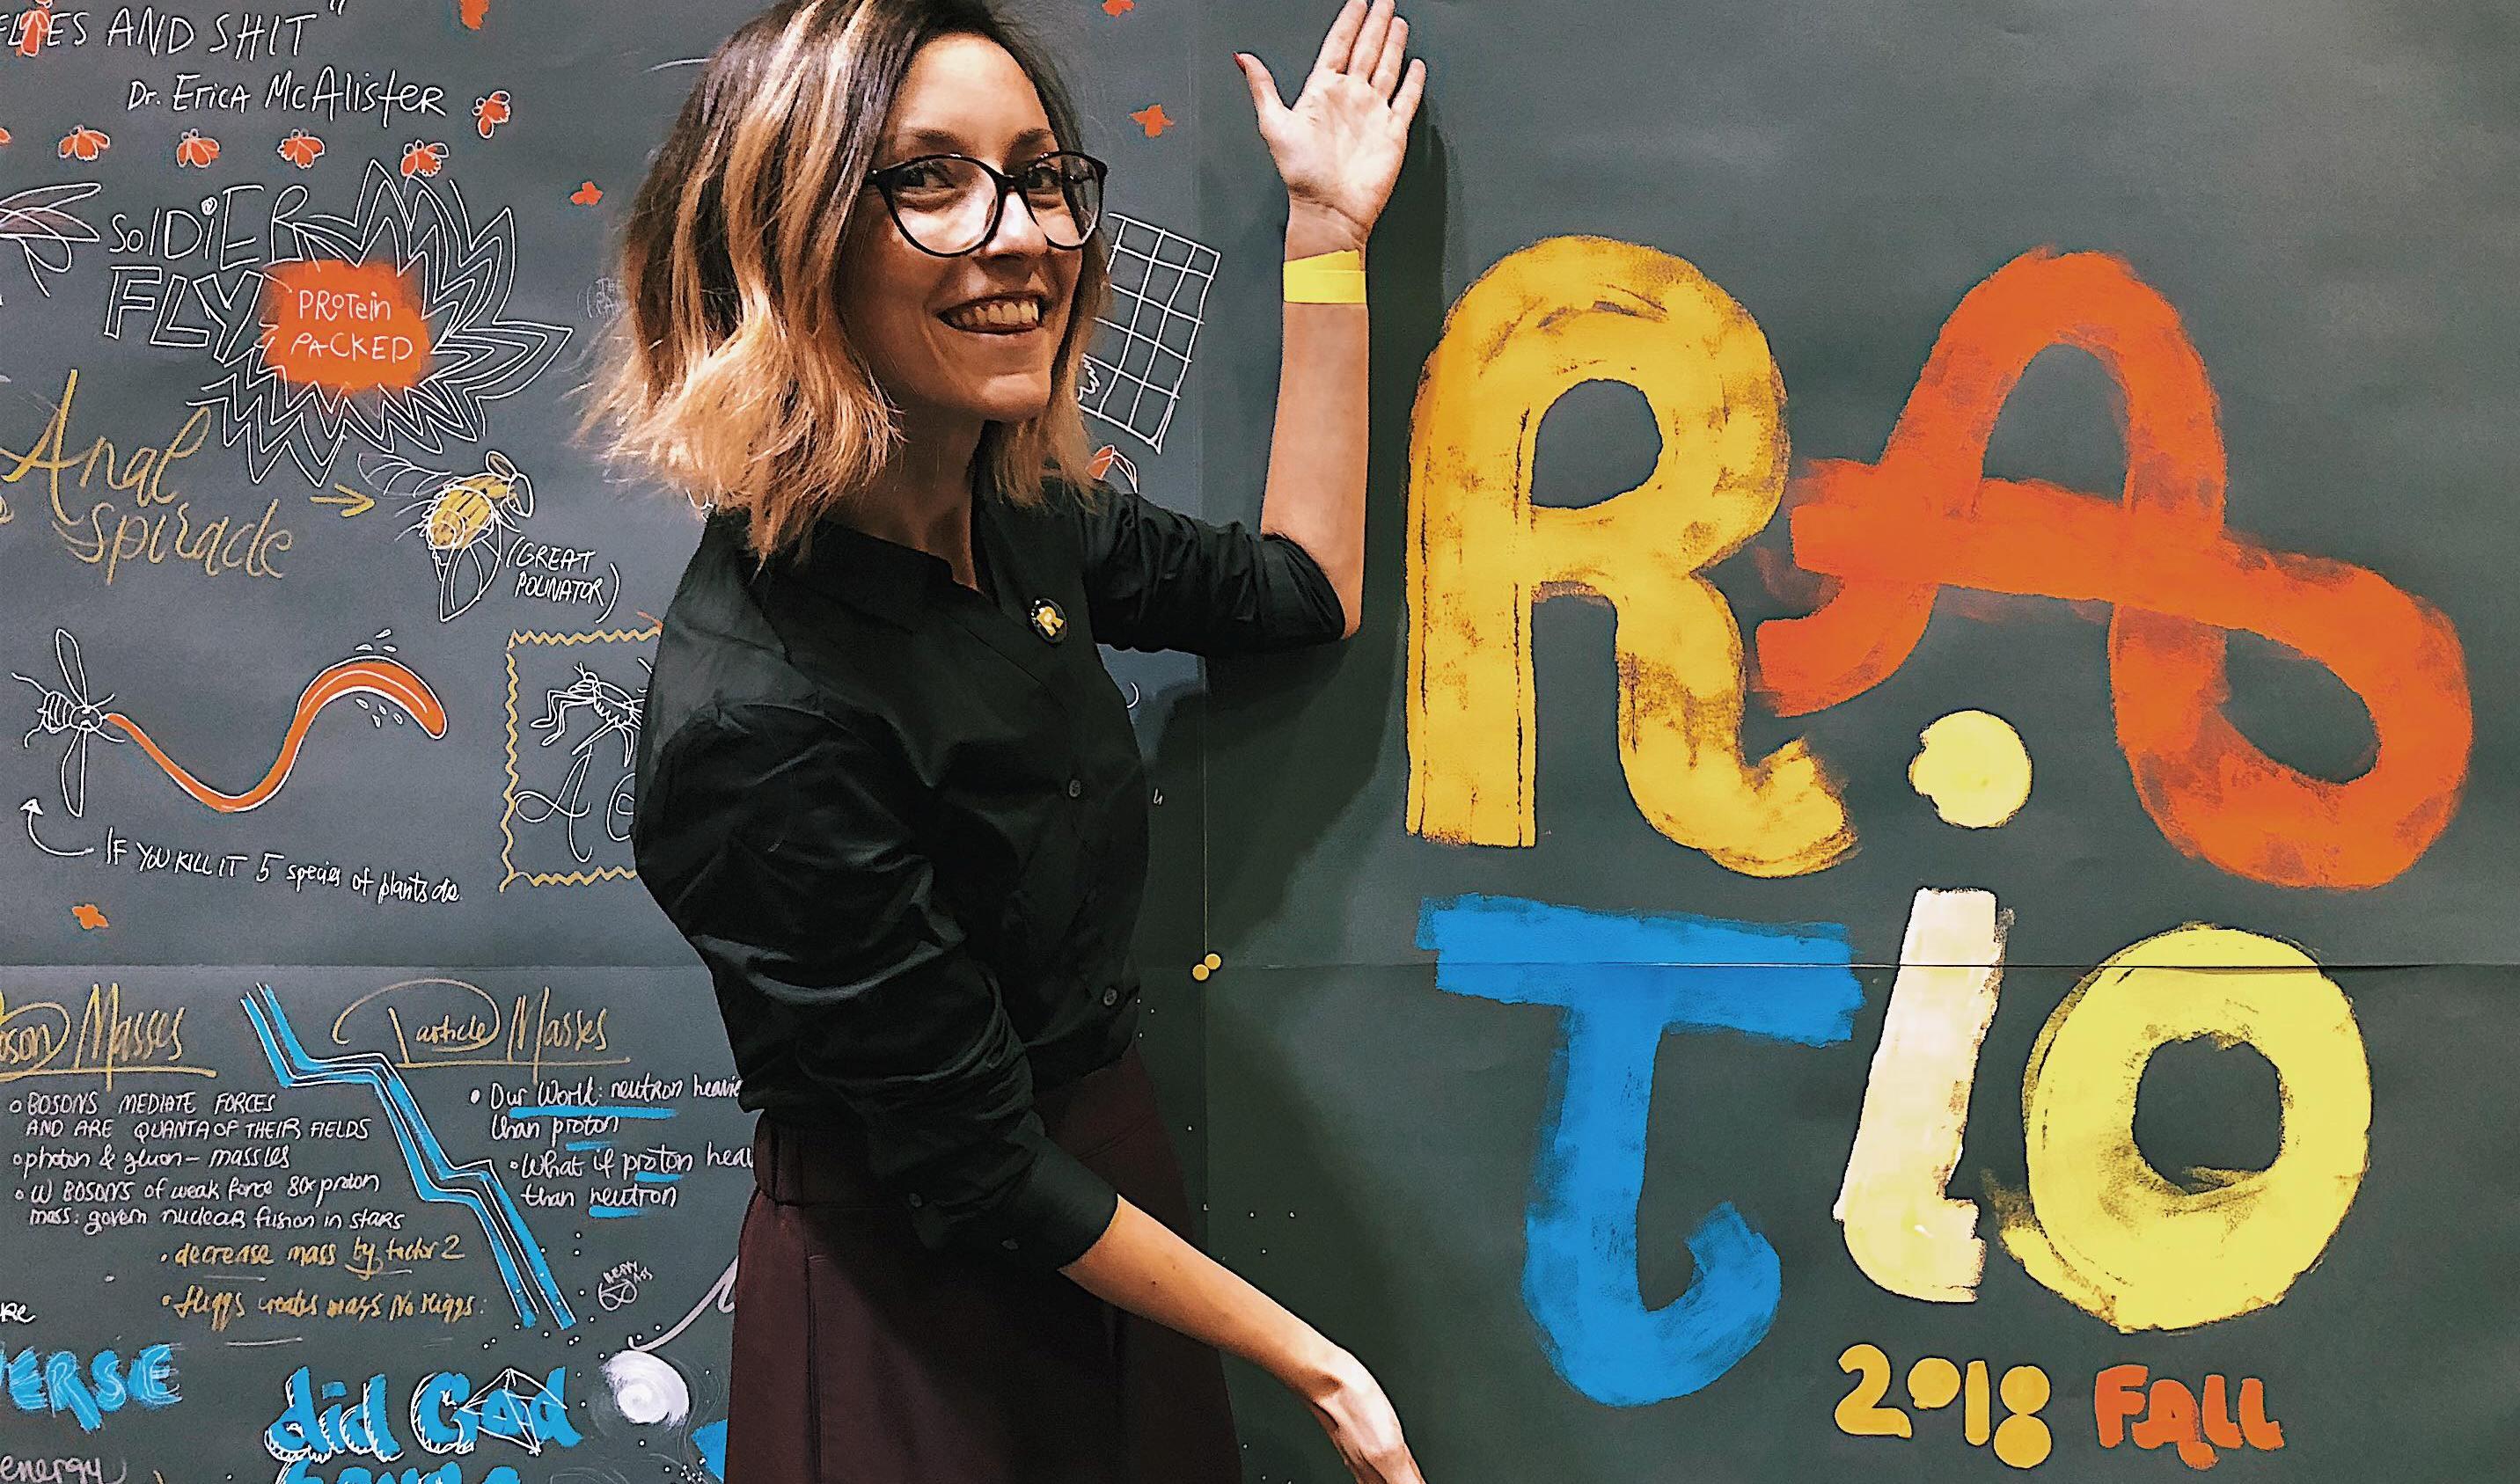 Снежана Янева, Ratio: Науката е магия, която можем да се научим да разбираме